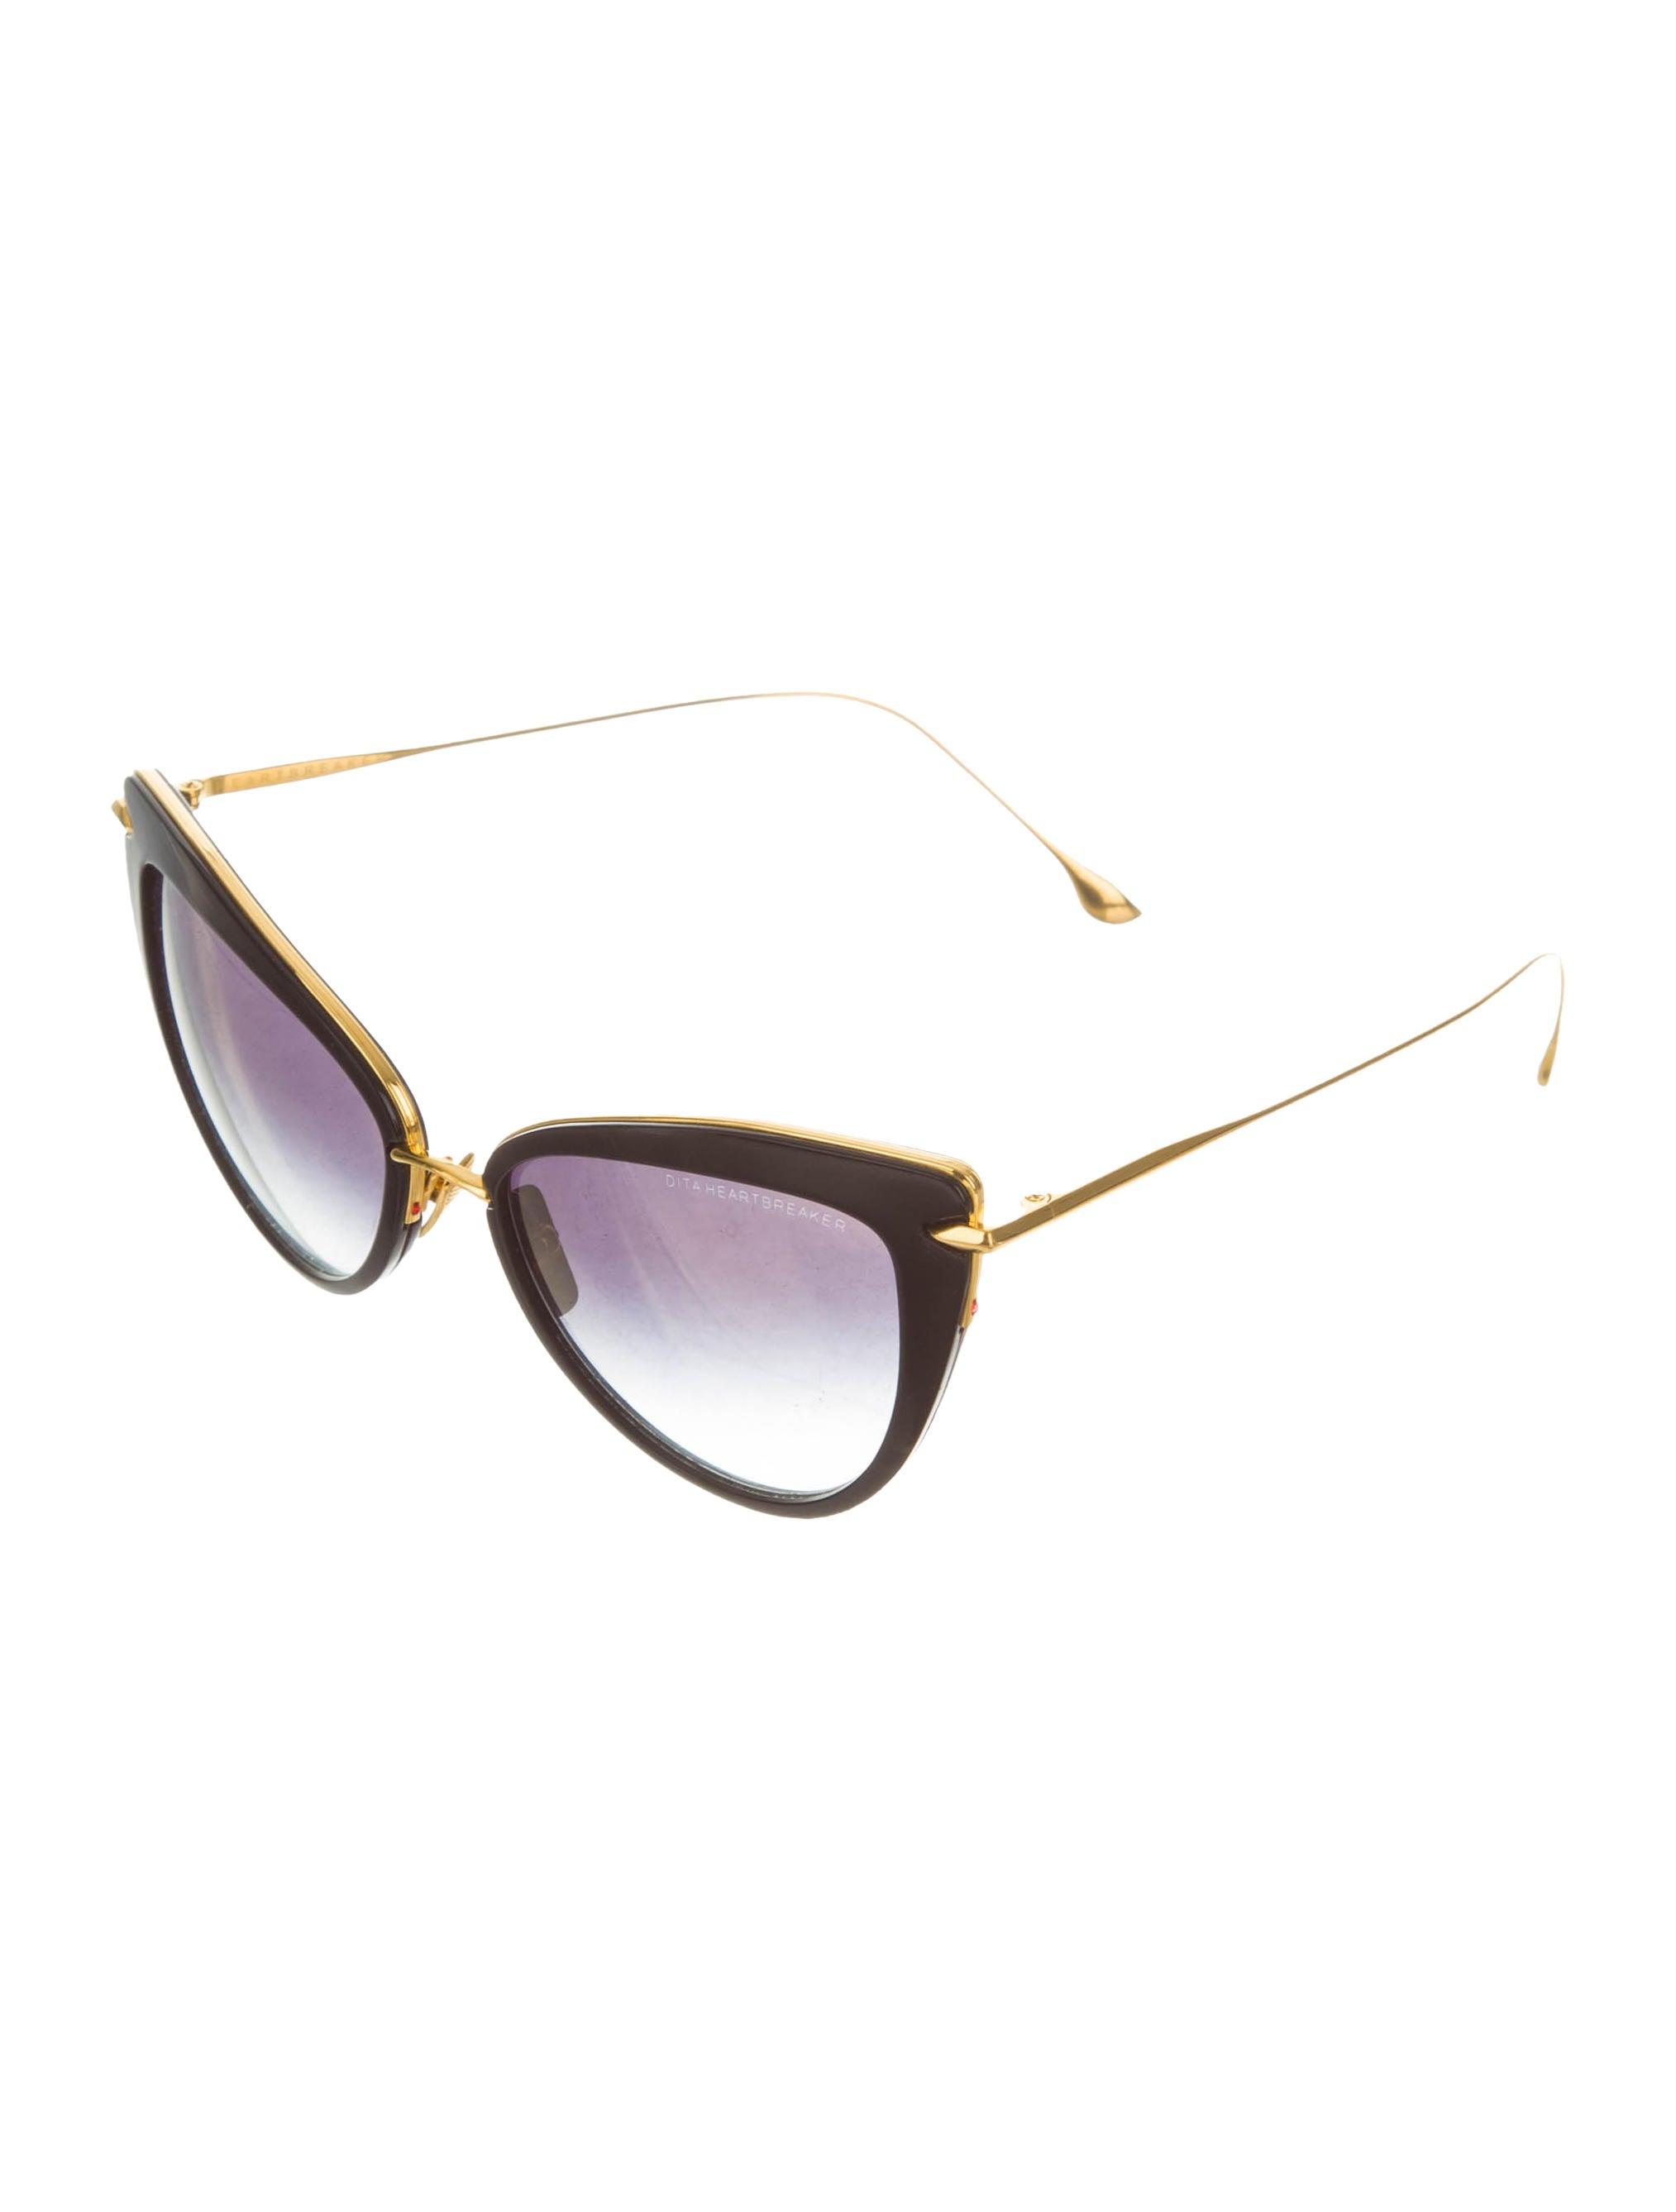 883ad7e0f9d2 Dita Heartbreaker Sunglasses Replica